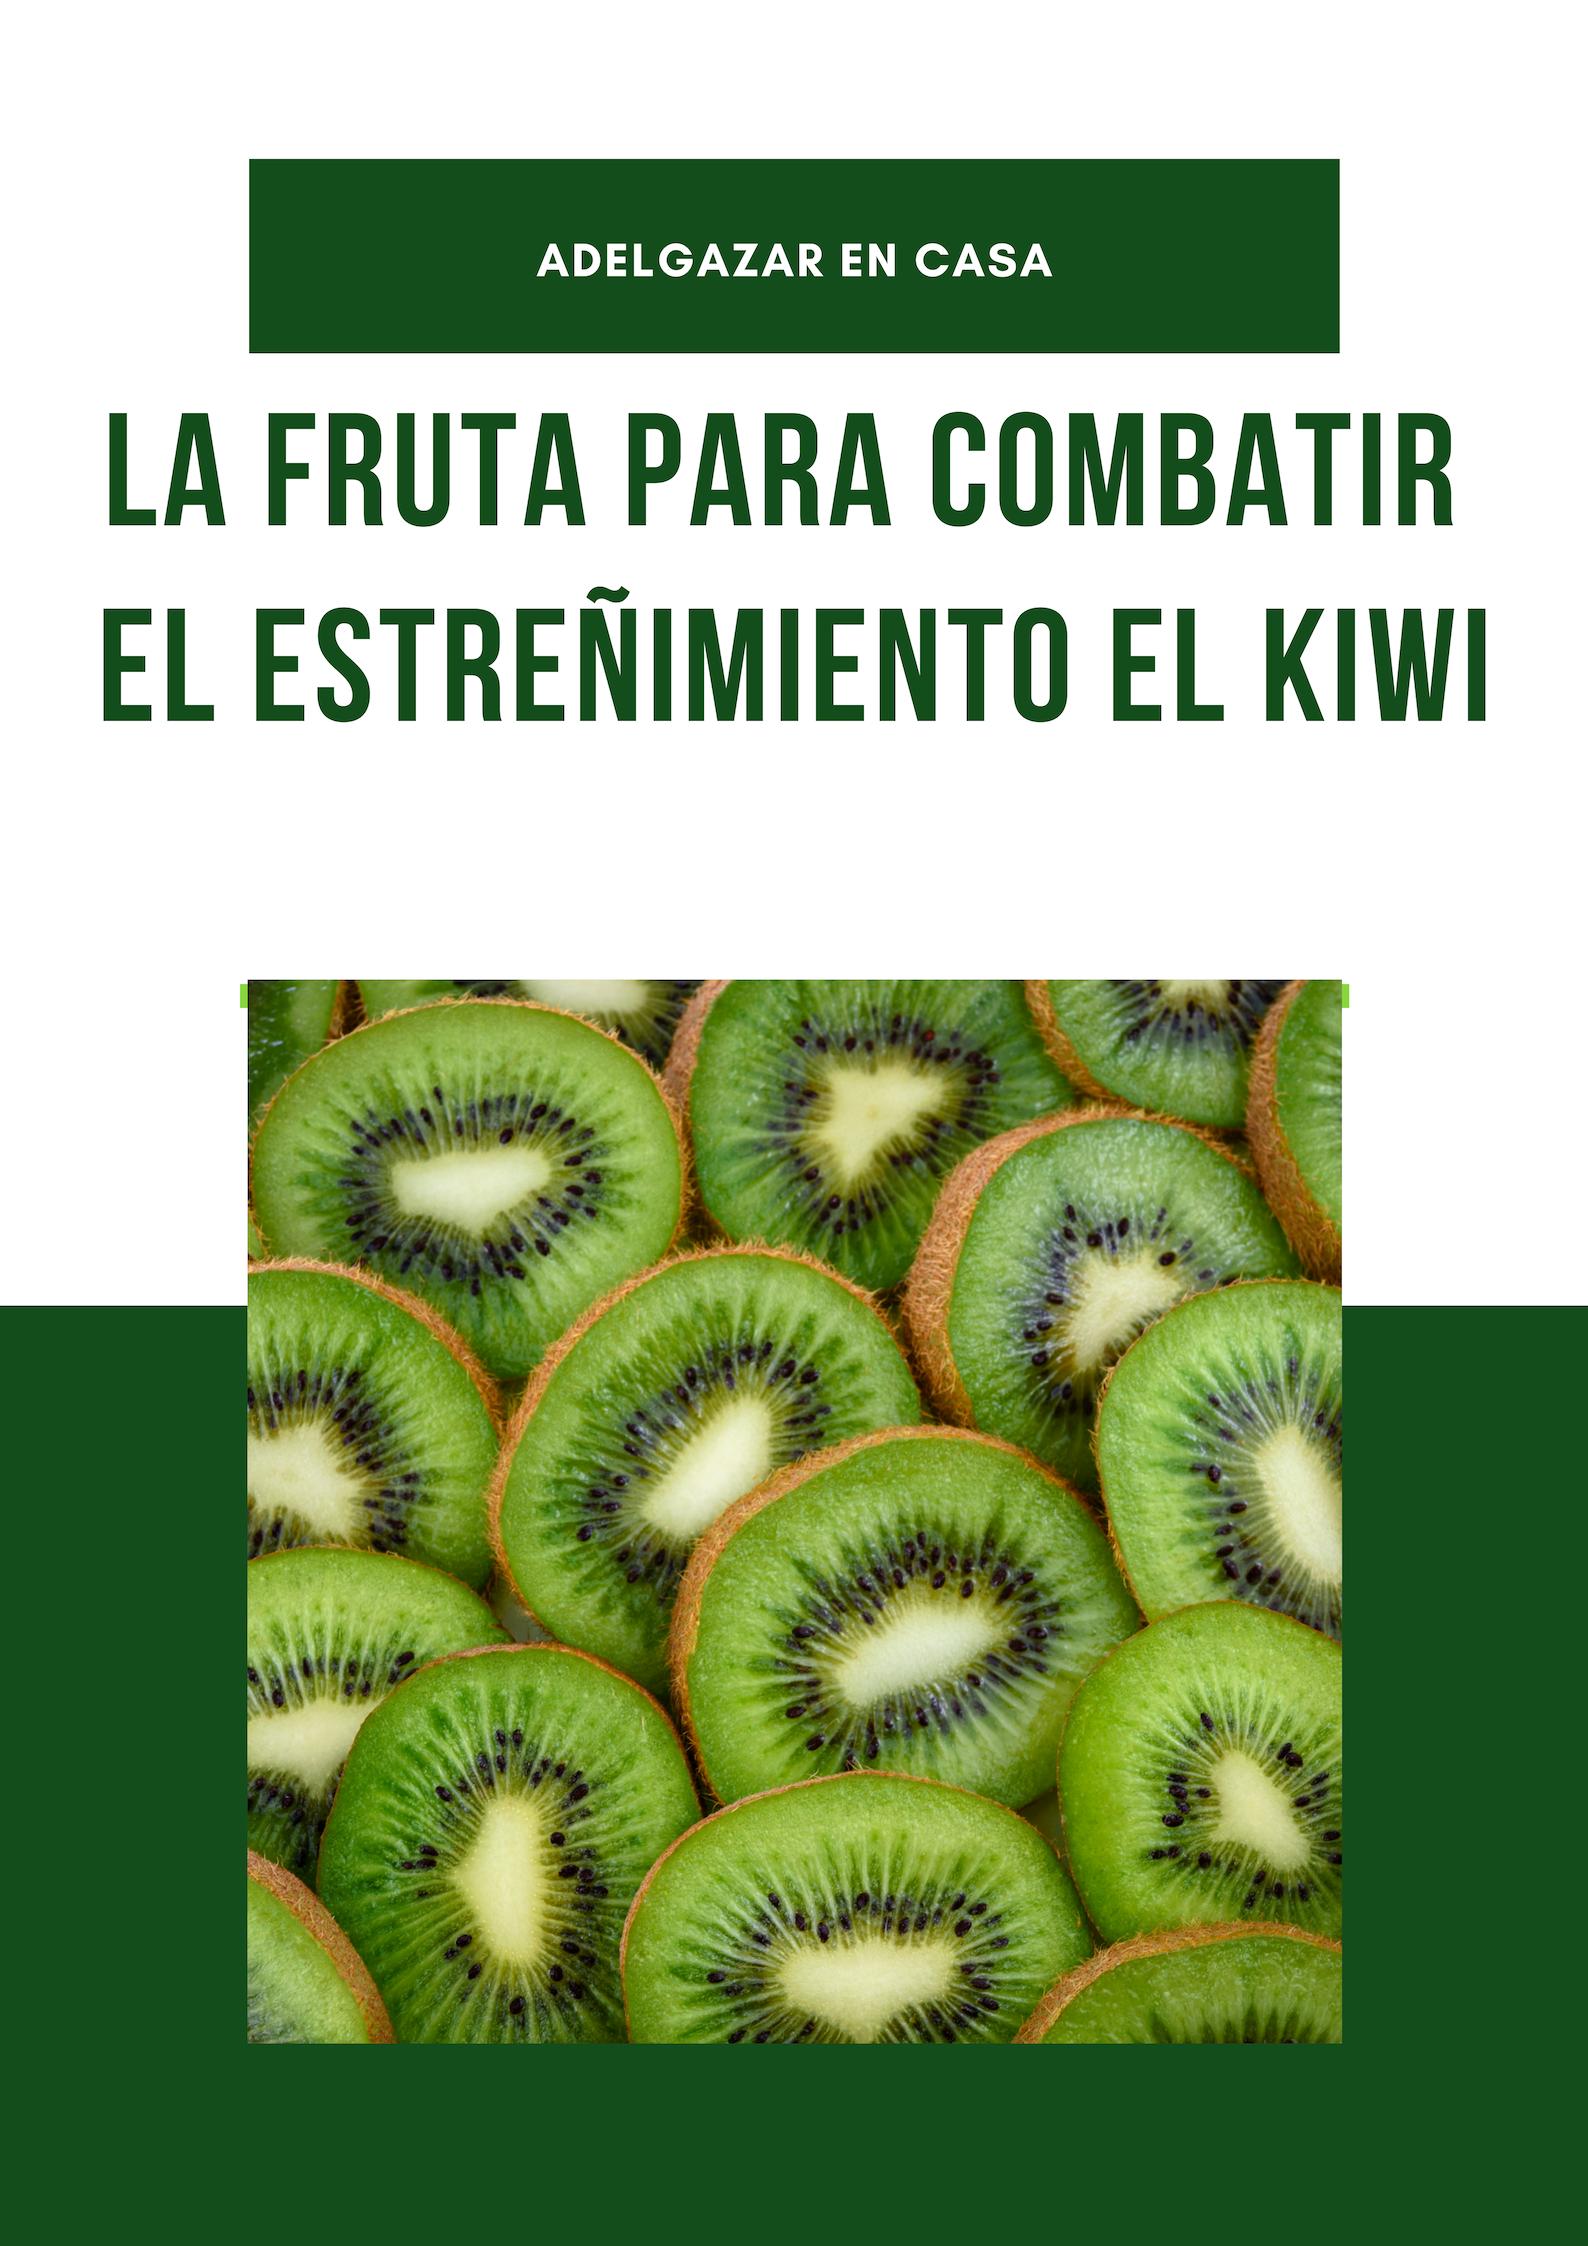 La Fruta Para Combatir El Estreñimiento El Kiwi Adelgazar En Casa Tratamiento Para Adelgazar Adelgazar Meriendas Saludables